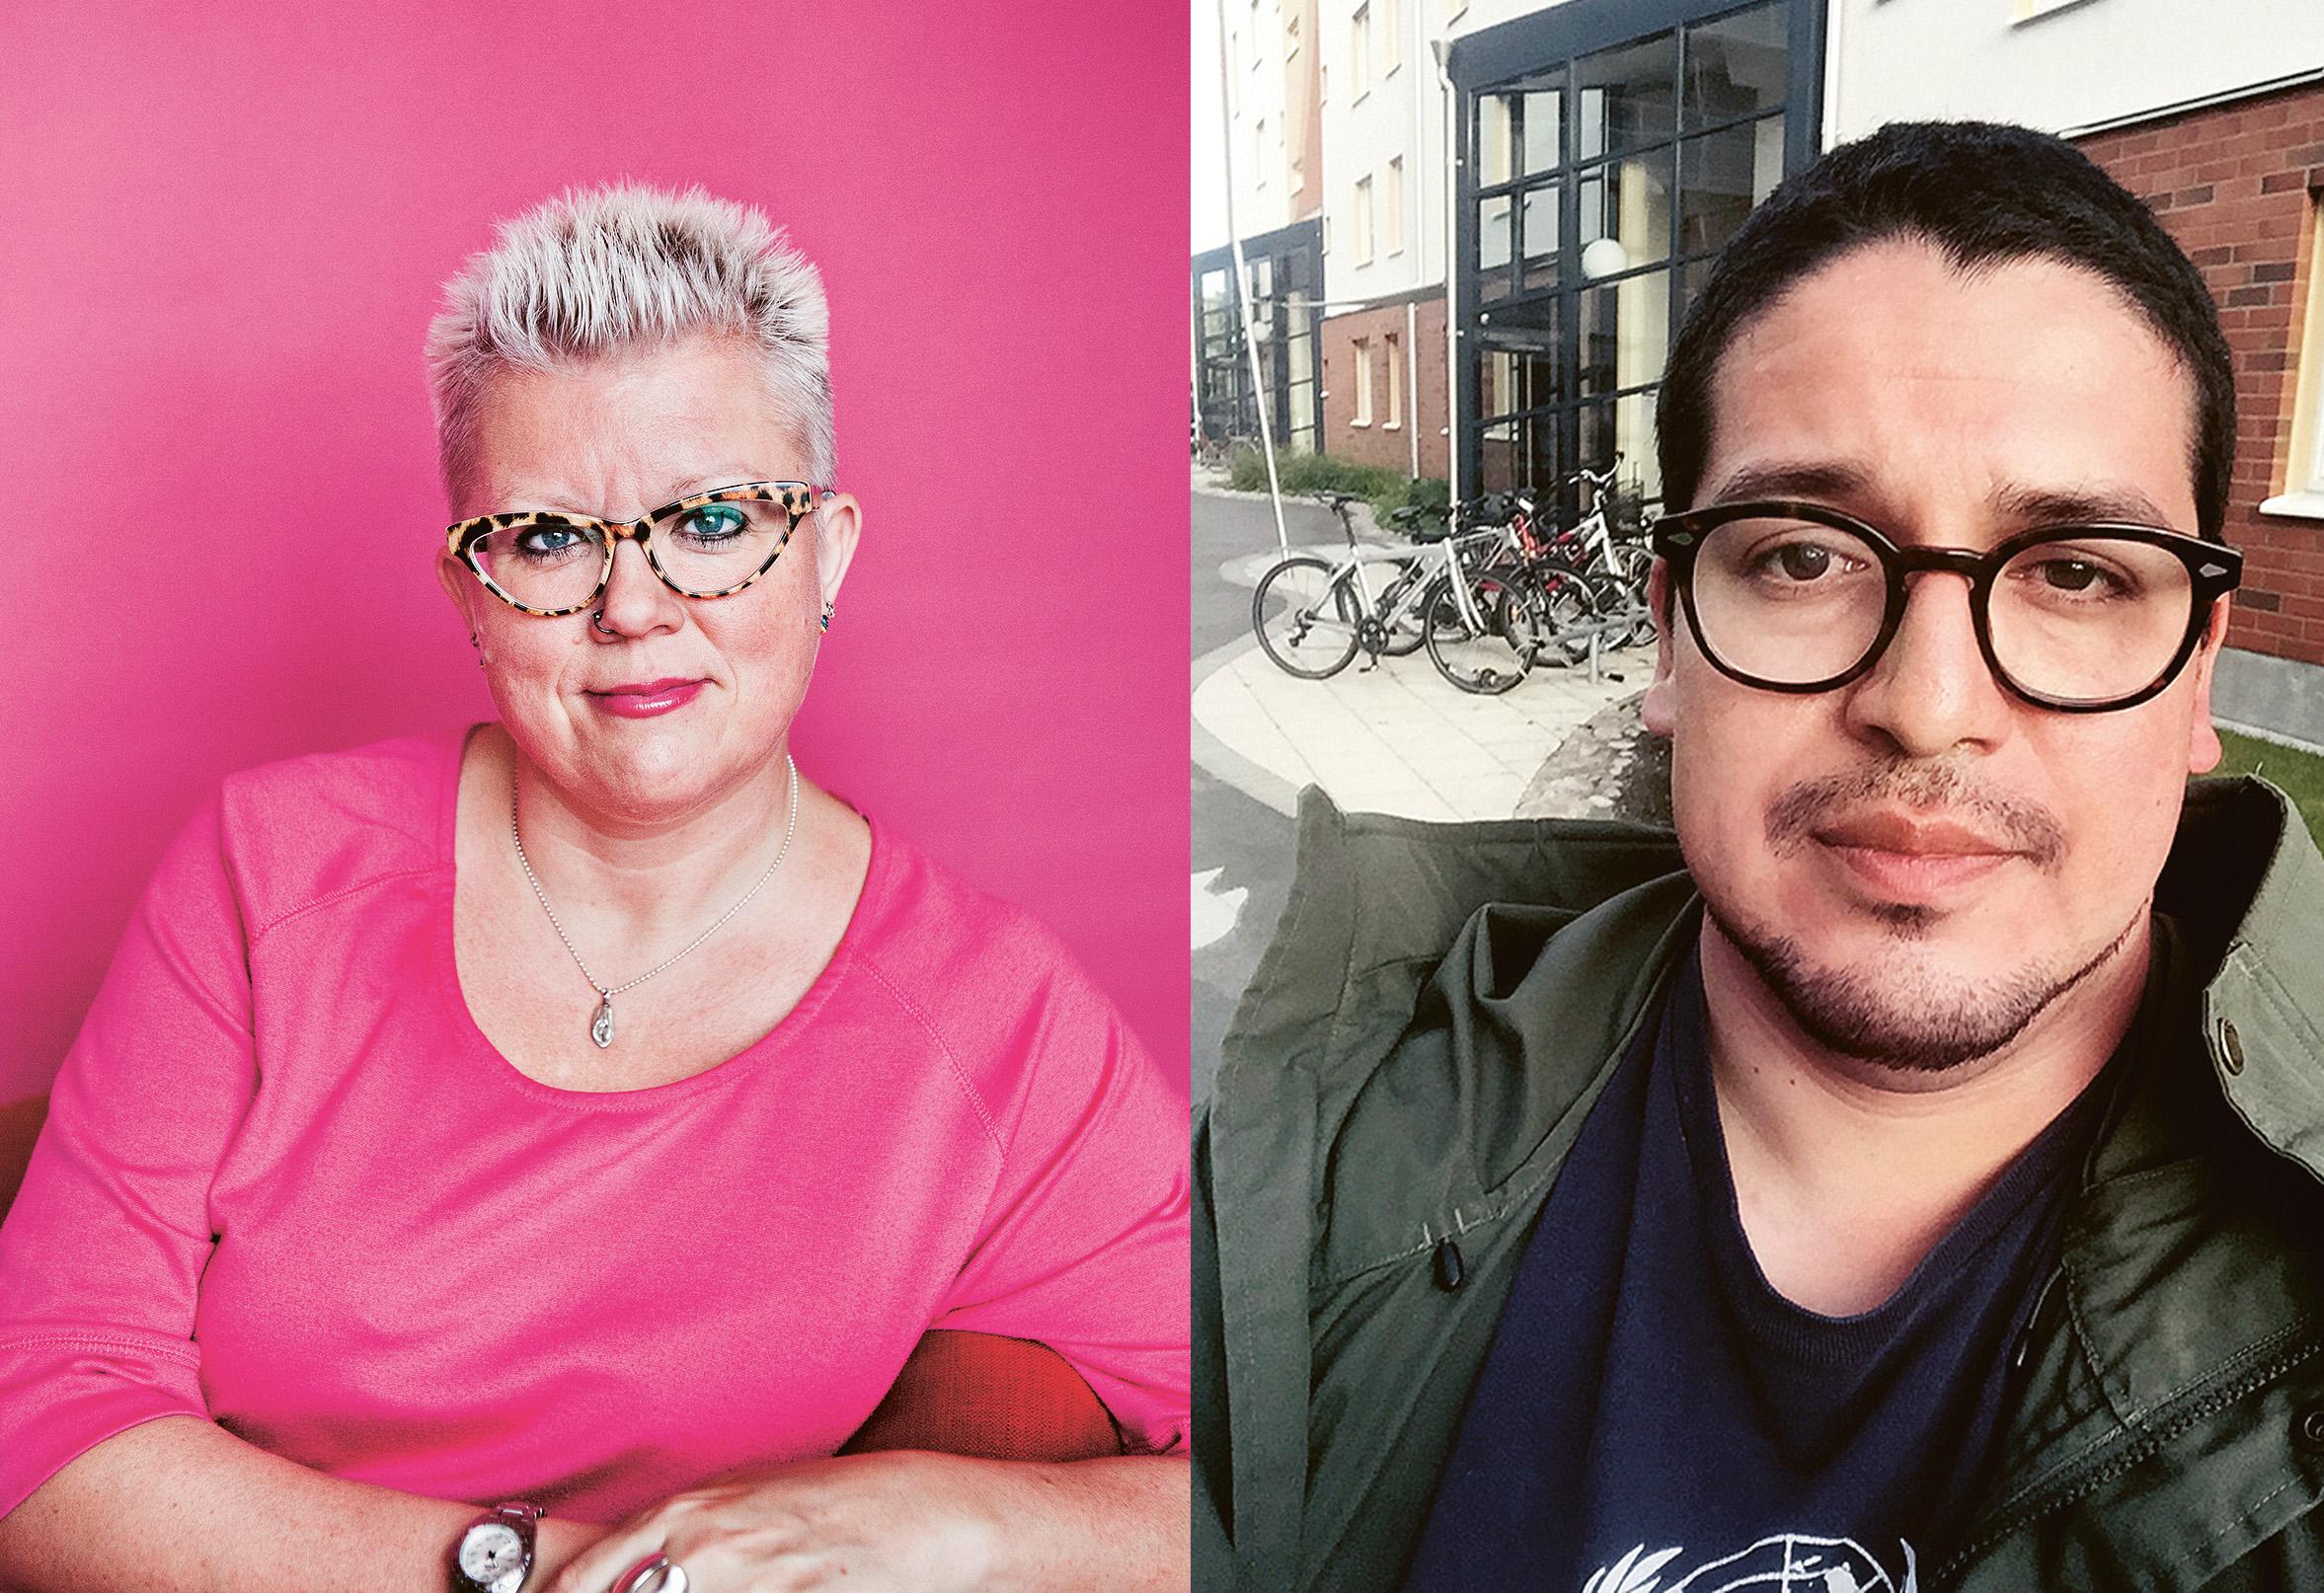 Suzann Larsdotter är auktoriserad sexolog och sexualupplysare på RFSU. Fox Foxhage är kurator och sexualupplysare och svarar på barns frågor om kropp och knopp i Kamratposten